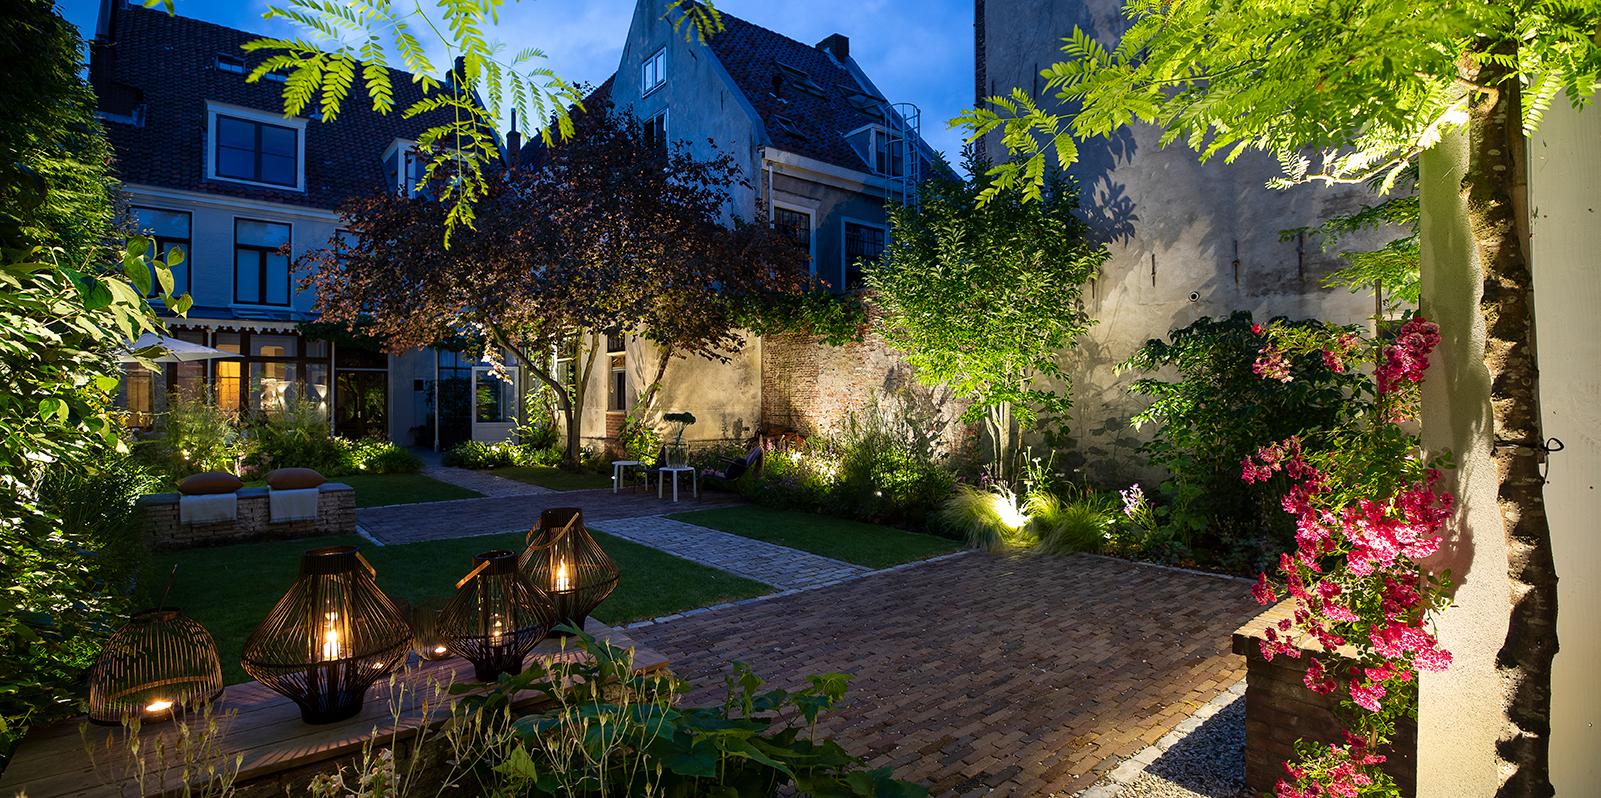 in-lite outdoor lighting, buitenverlichting, moderne tuin